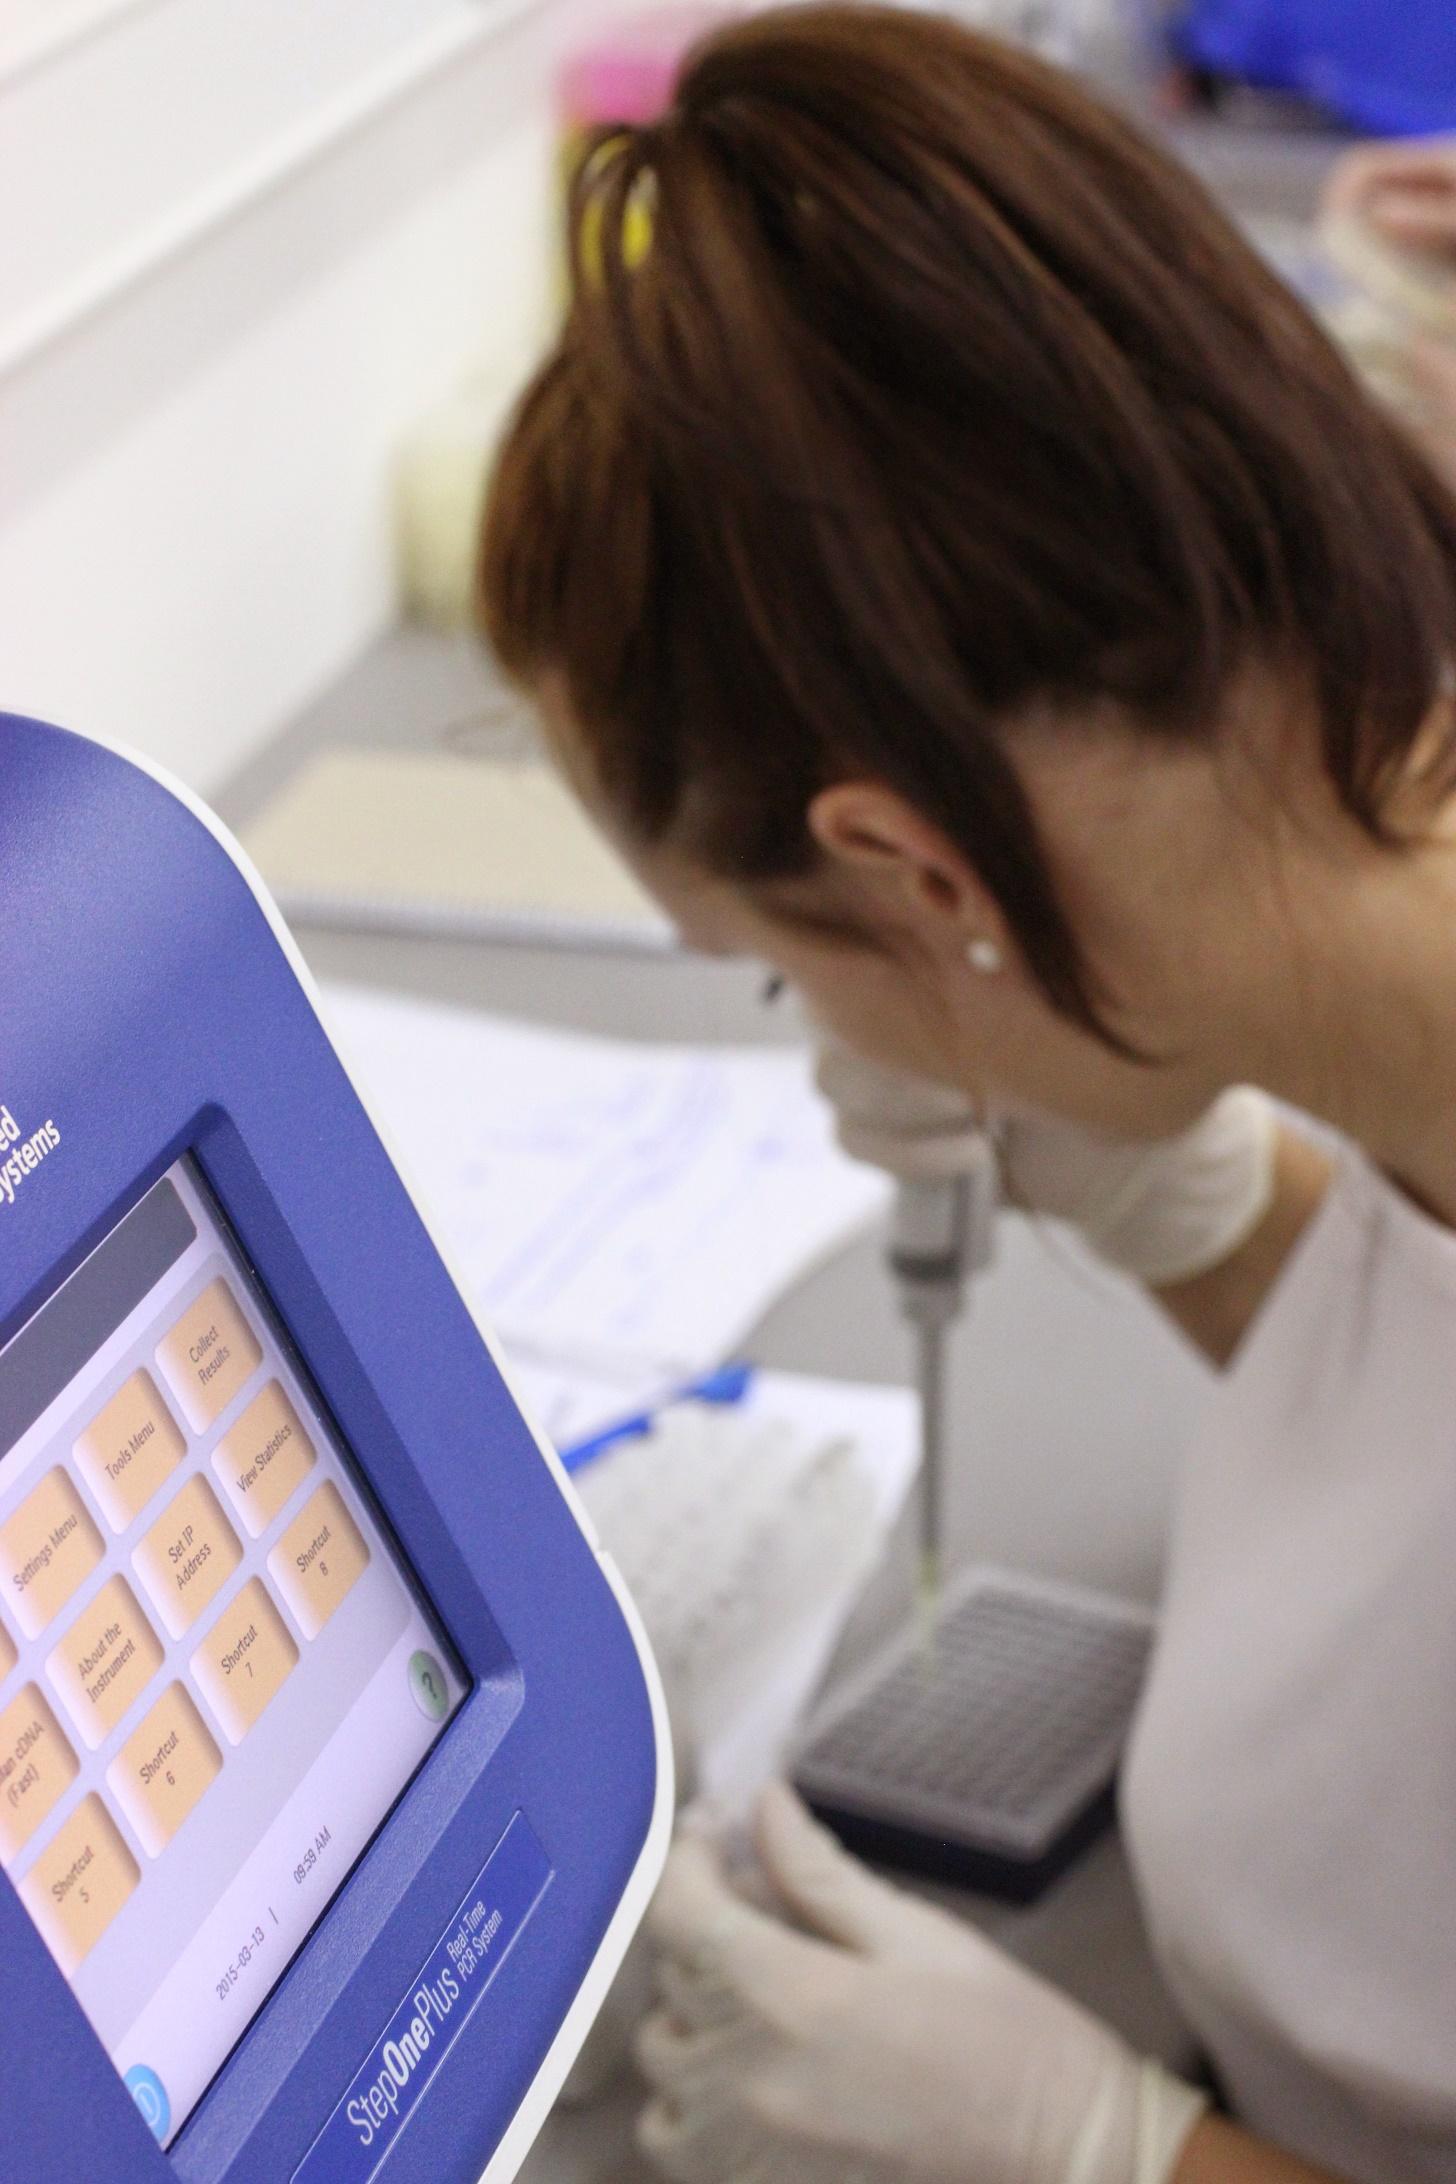 Príprava doštičky na qPCR (kvantitatívna PCR, ktorá meria množstvo PCR v reálnom čase).